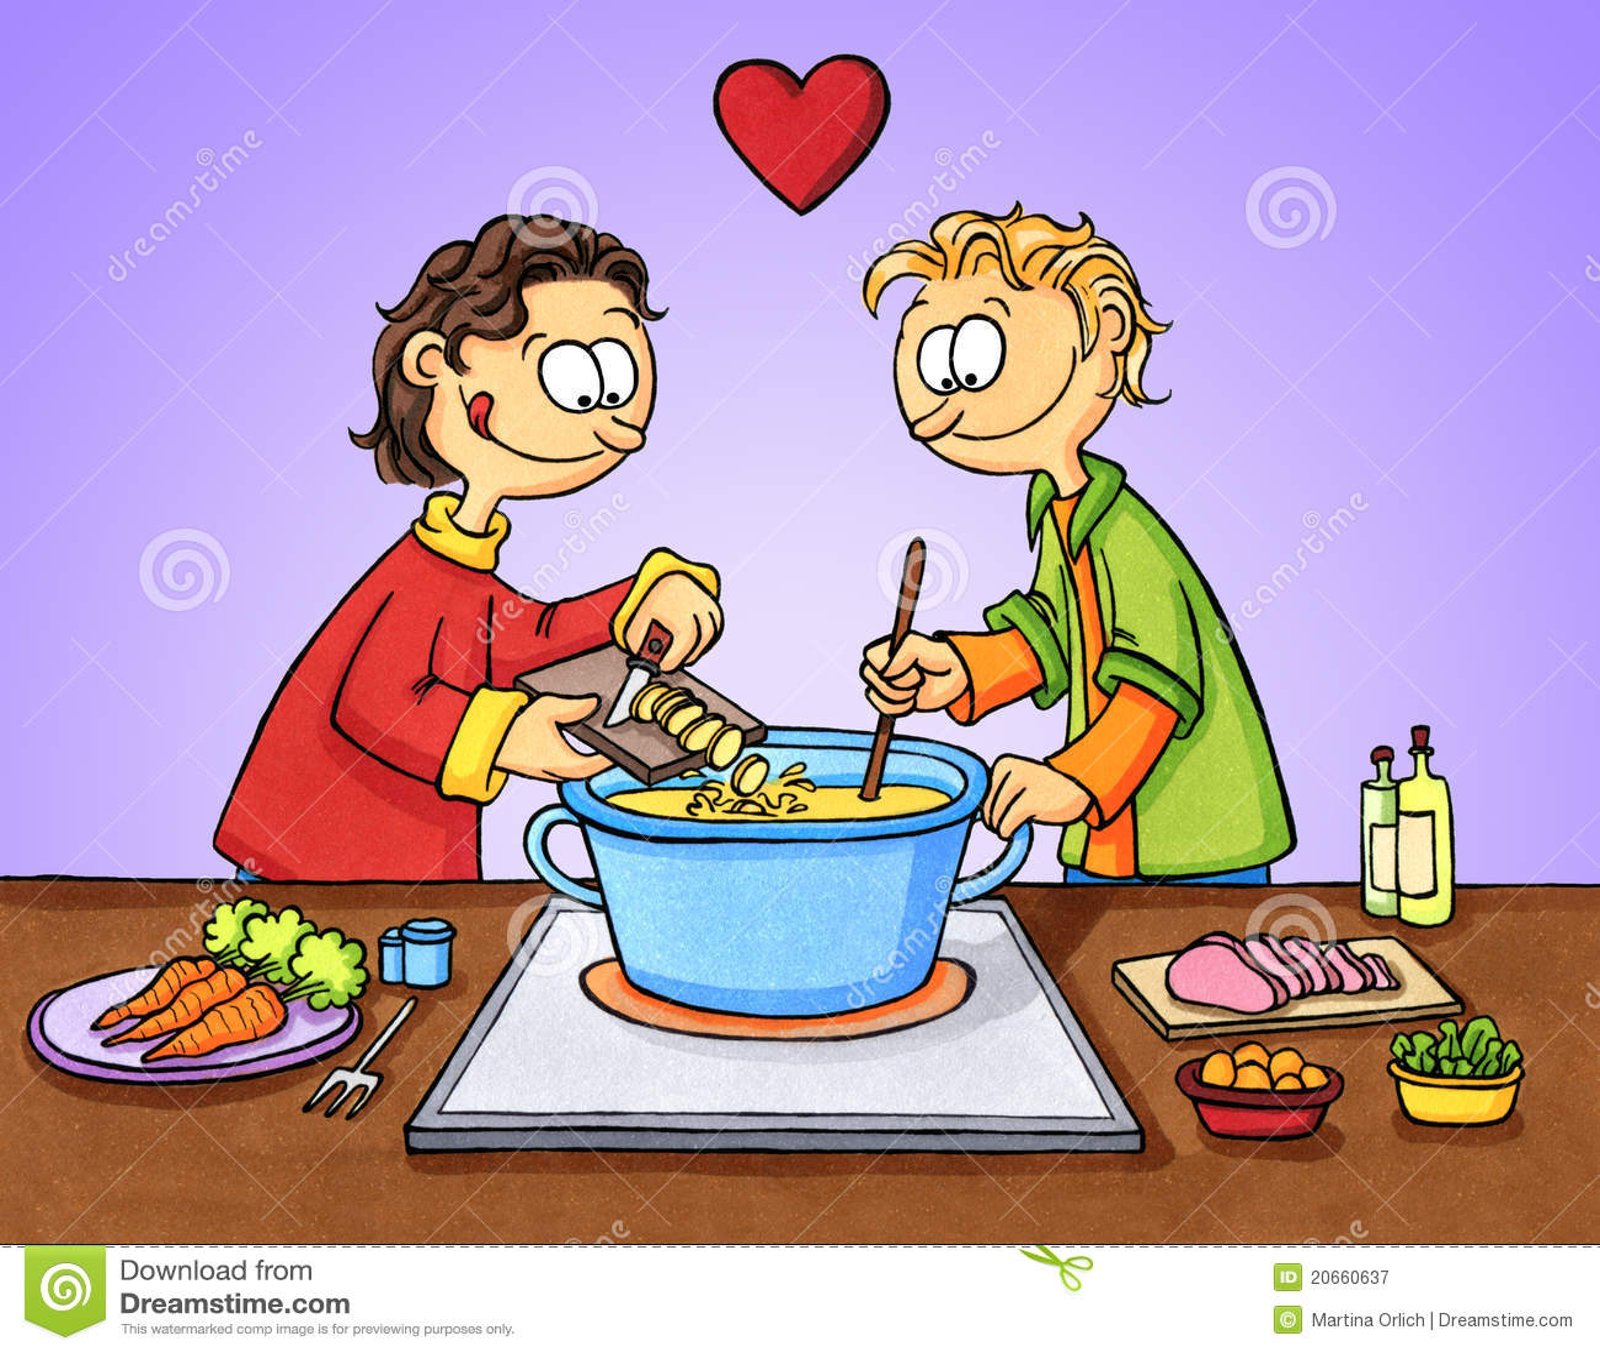 Kochen mit liebe stock abbildung illustration von potentiometer 20660637 - Kawaii kochen ...